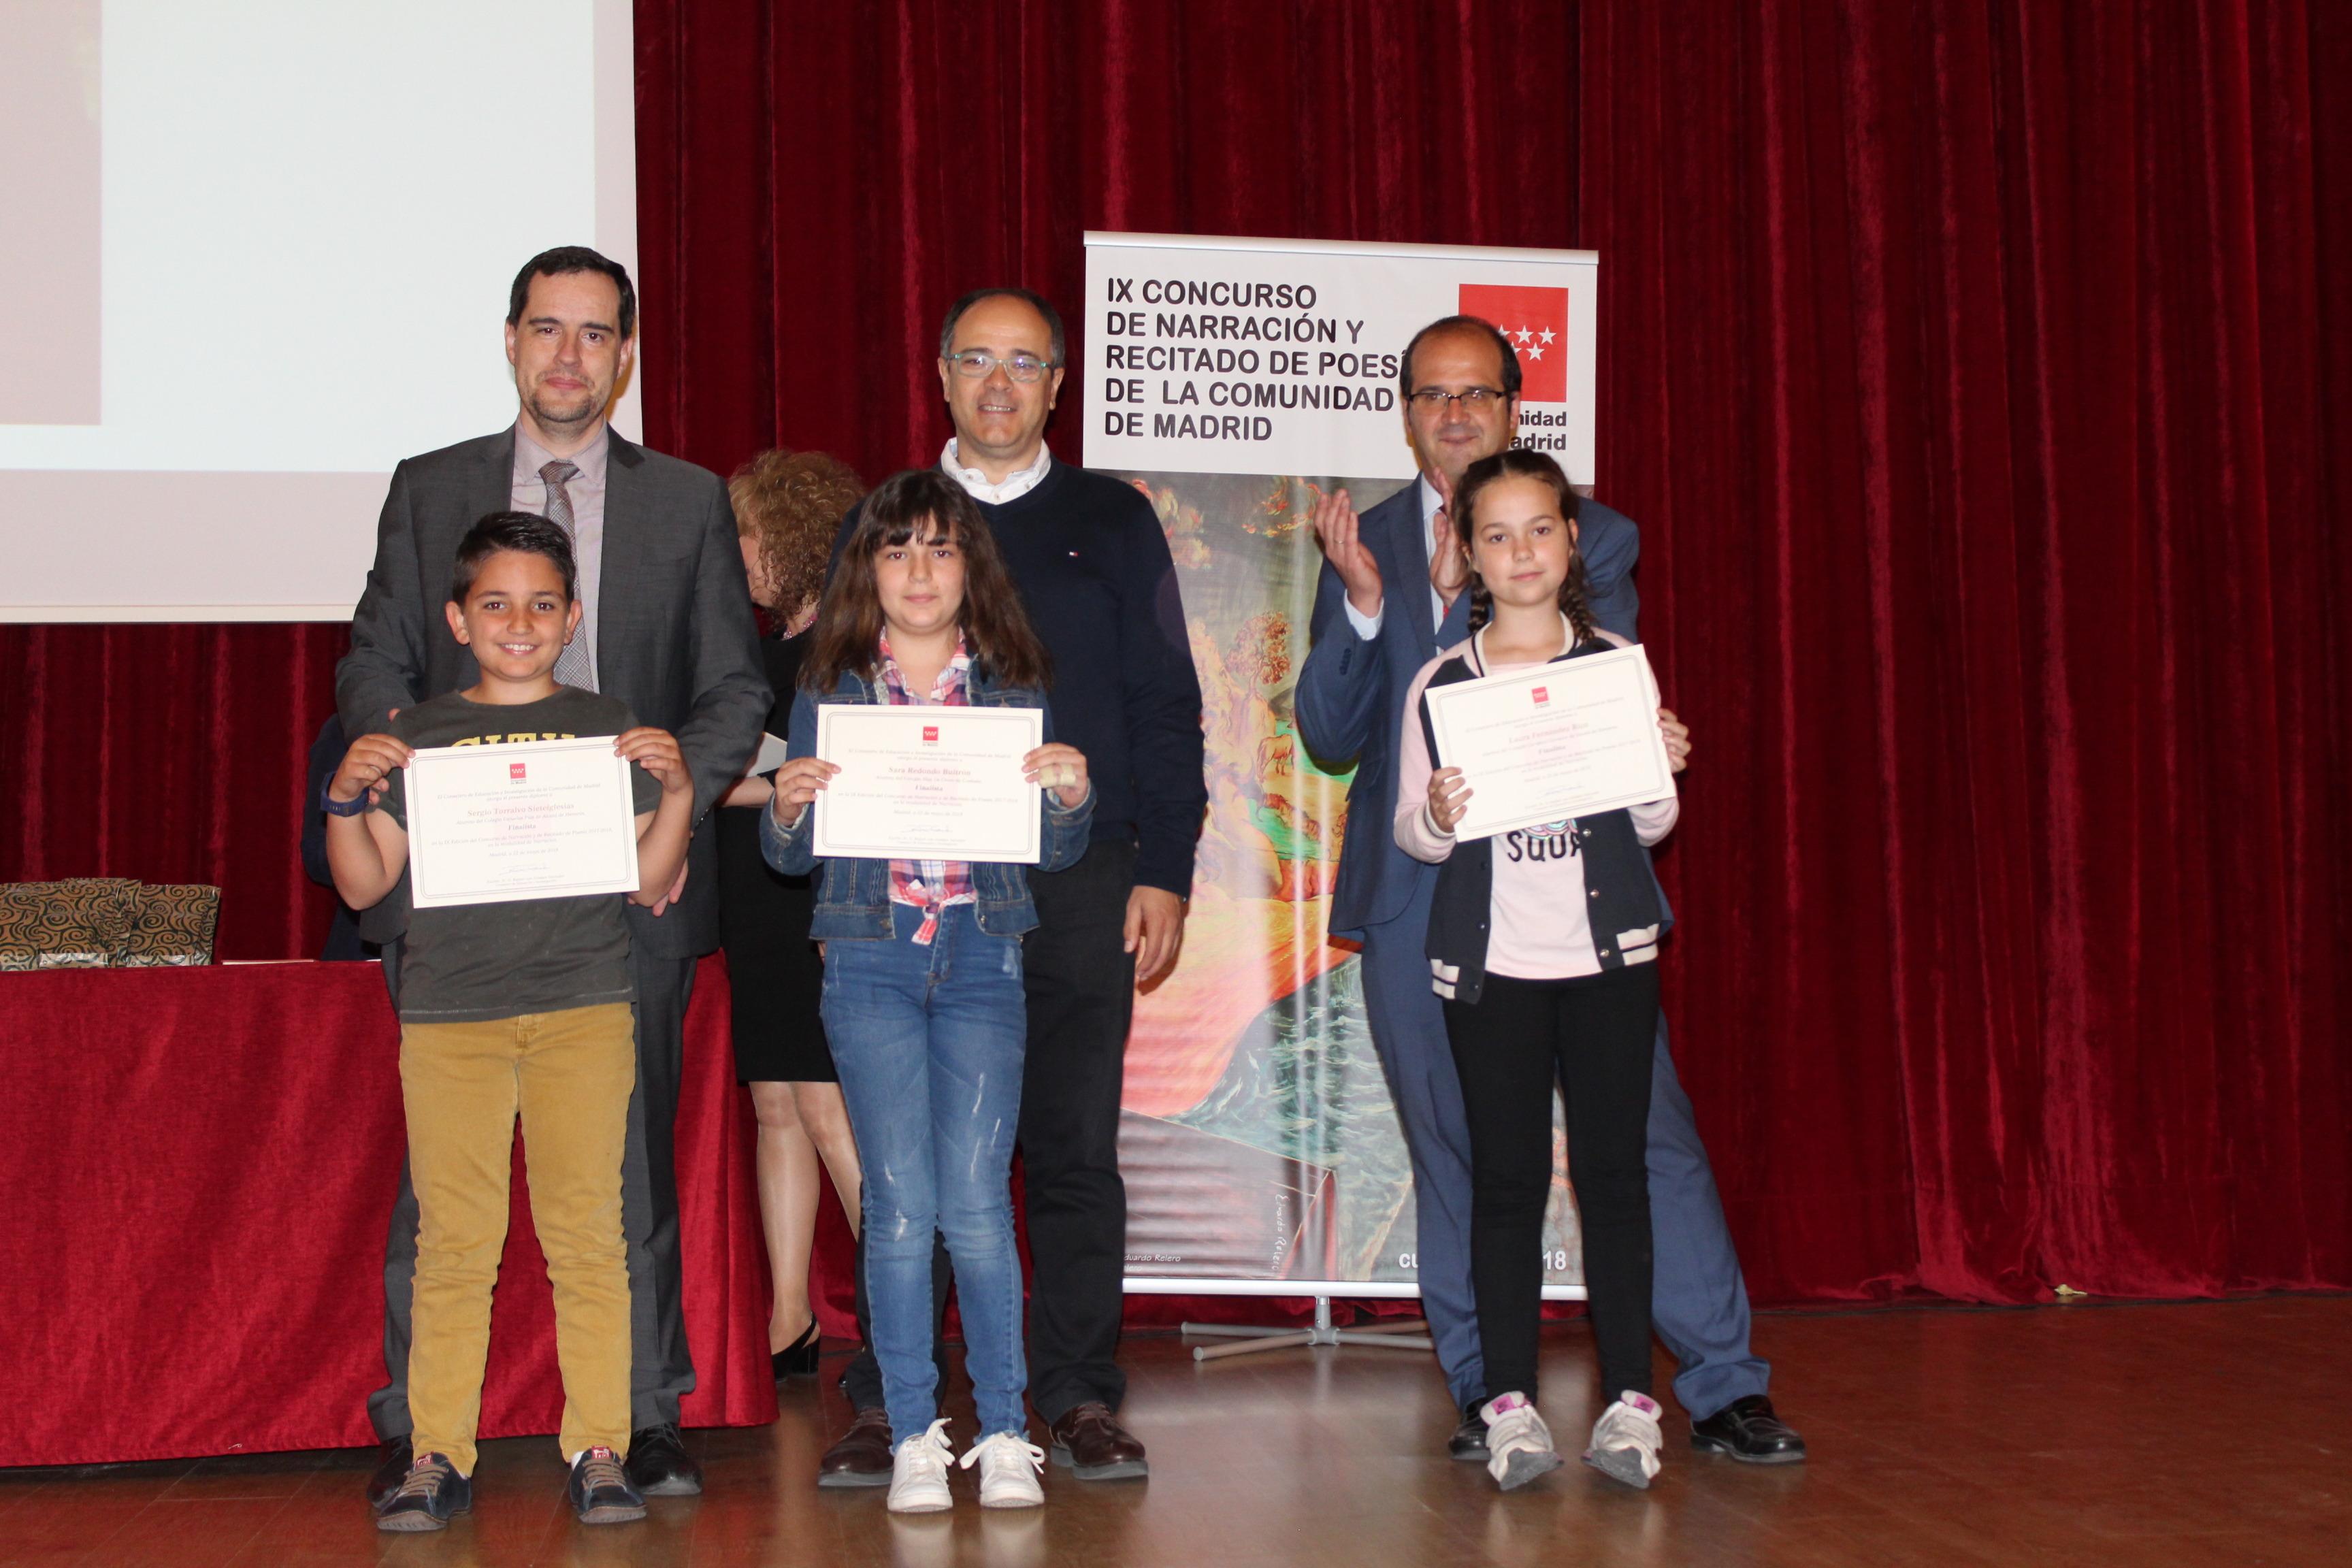 Entrega de los premios del IX Concurso de Narración y Recitado de Poesía 5